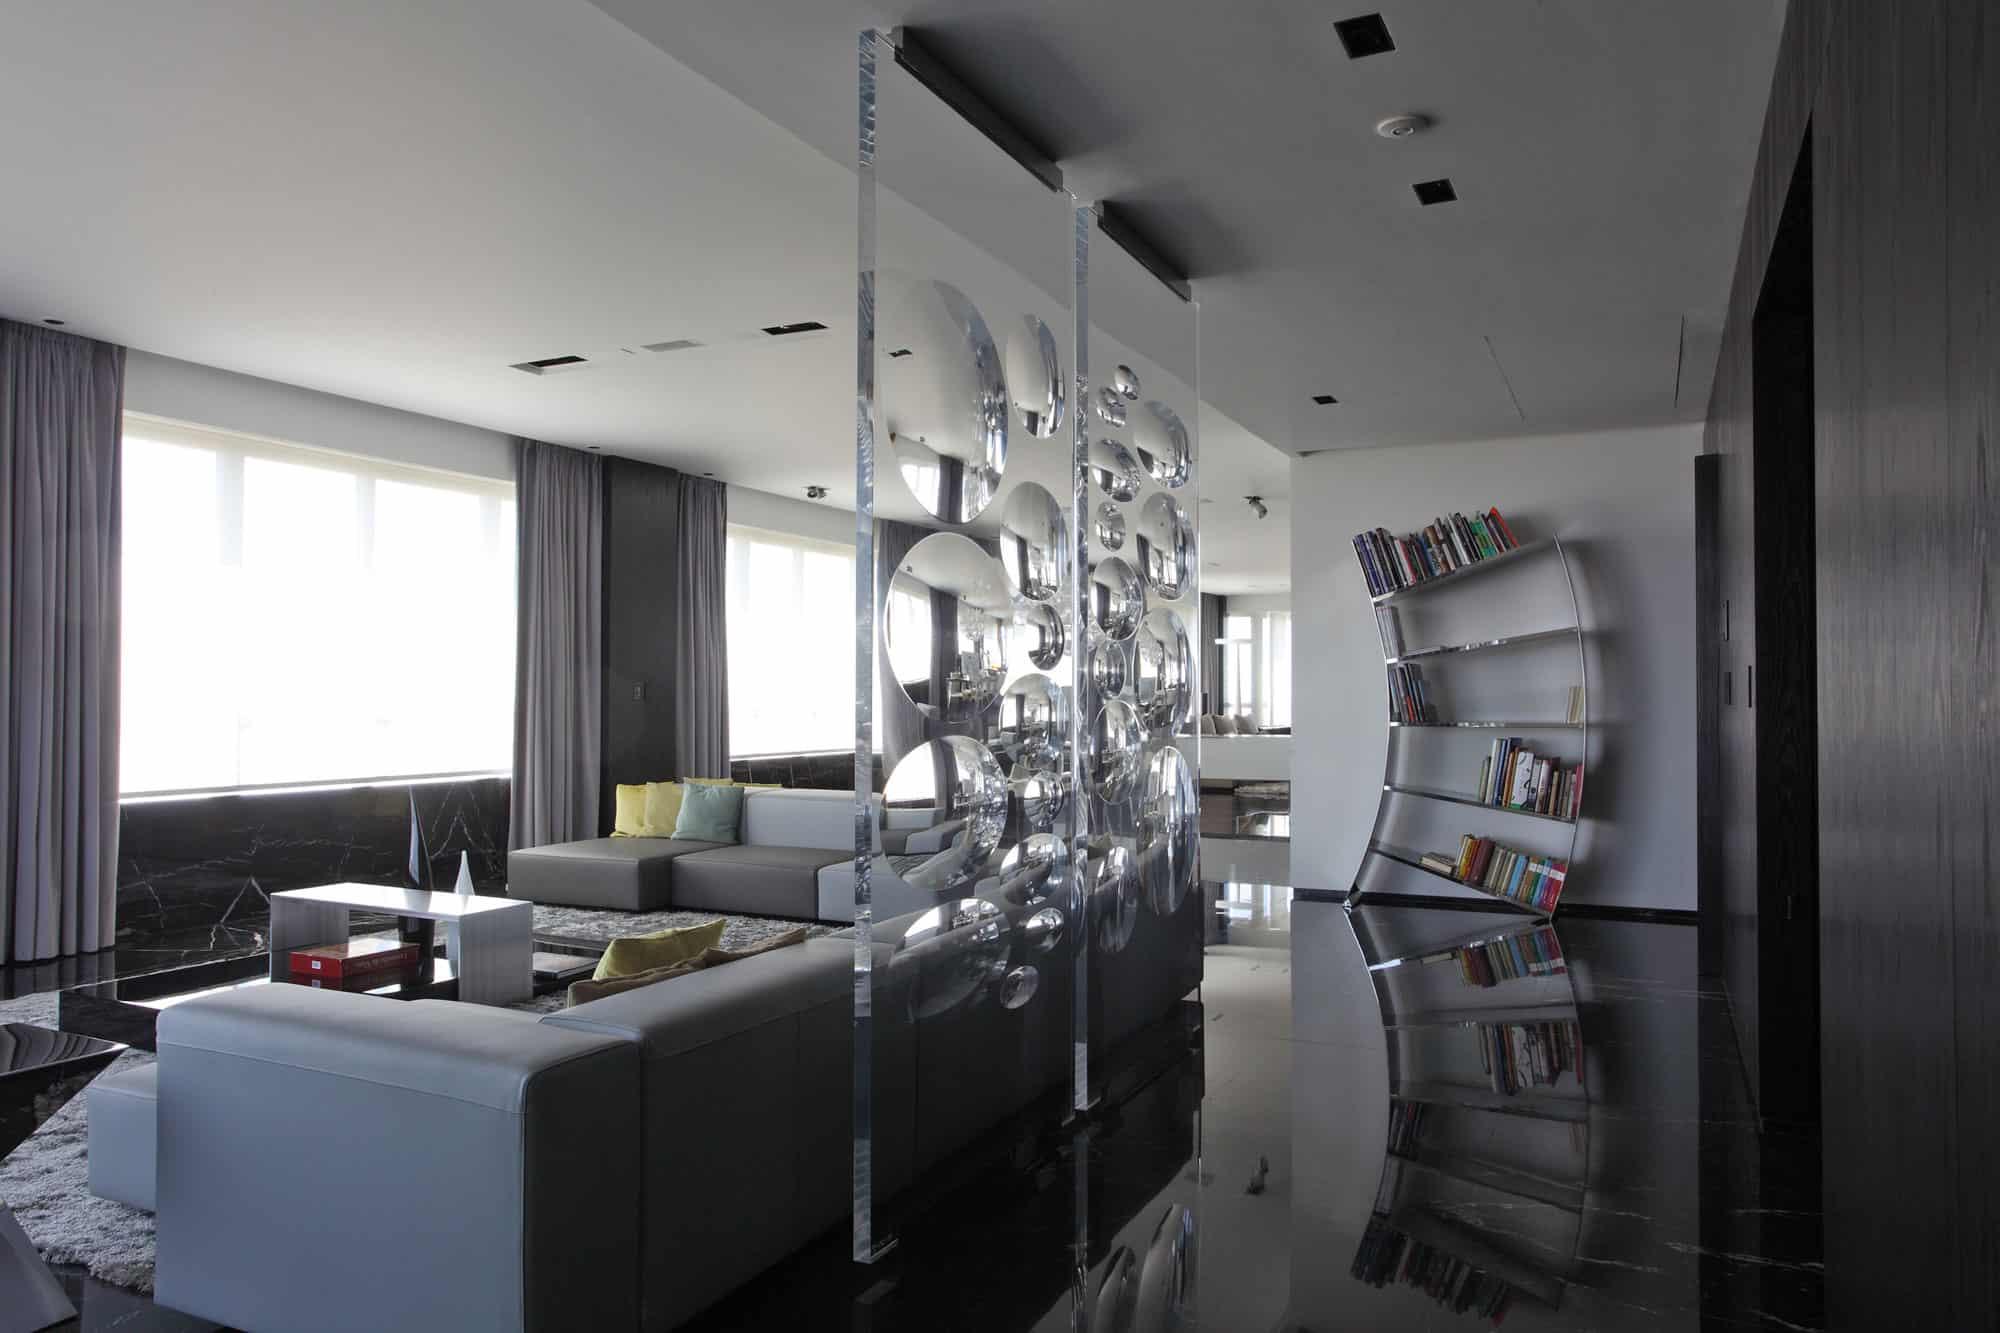 Departamento en Torres del Faro by vEstudio Arquitect. (4)